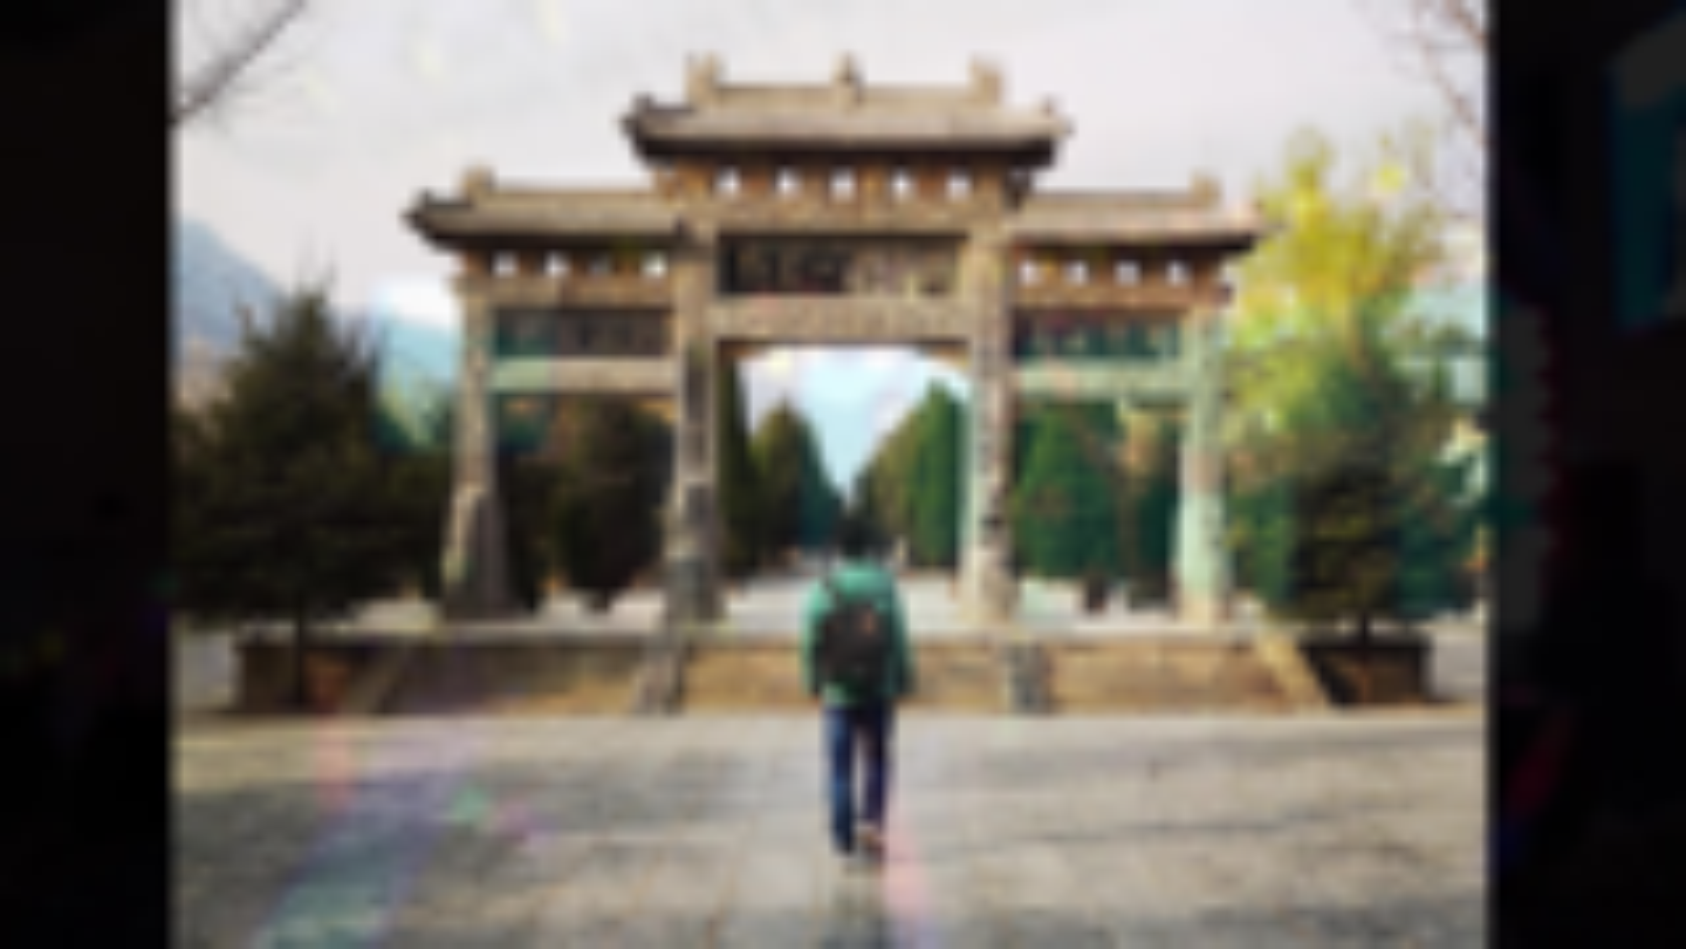 郑州-新疆-北京,这是我的平凡之路